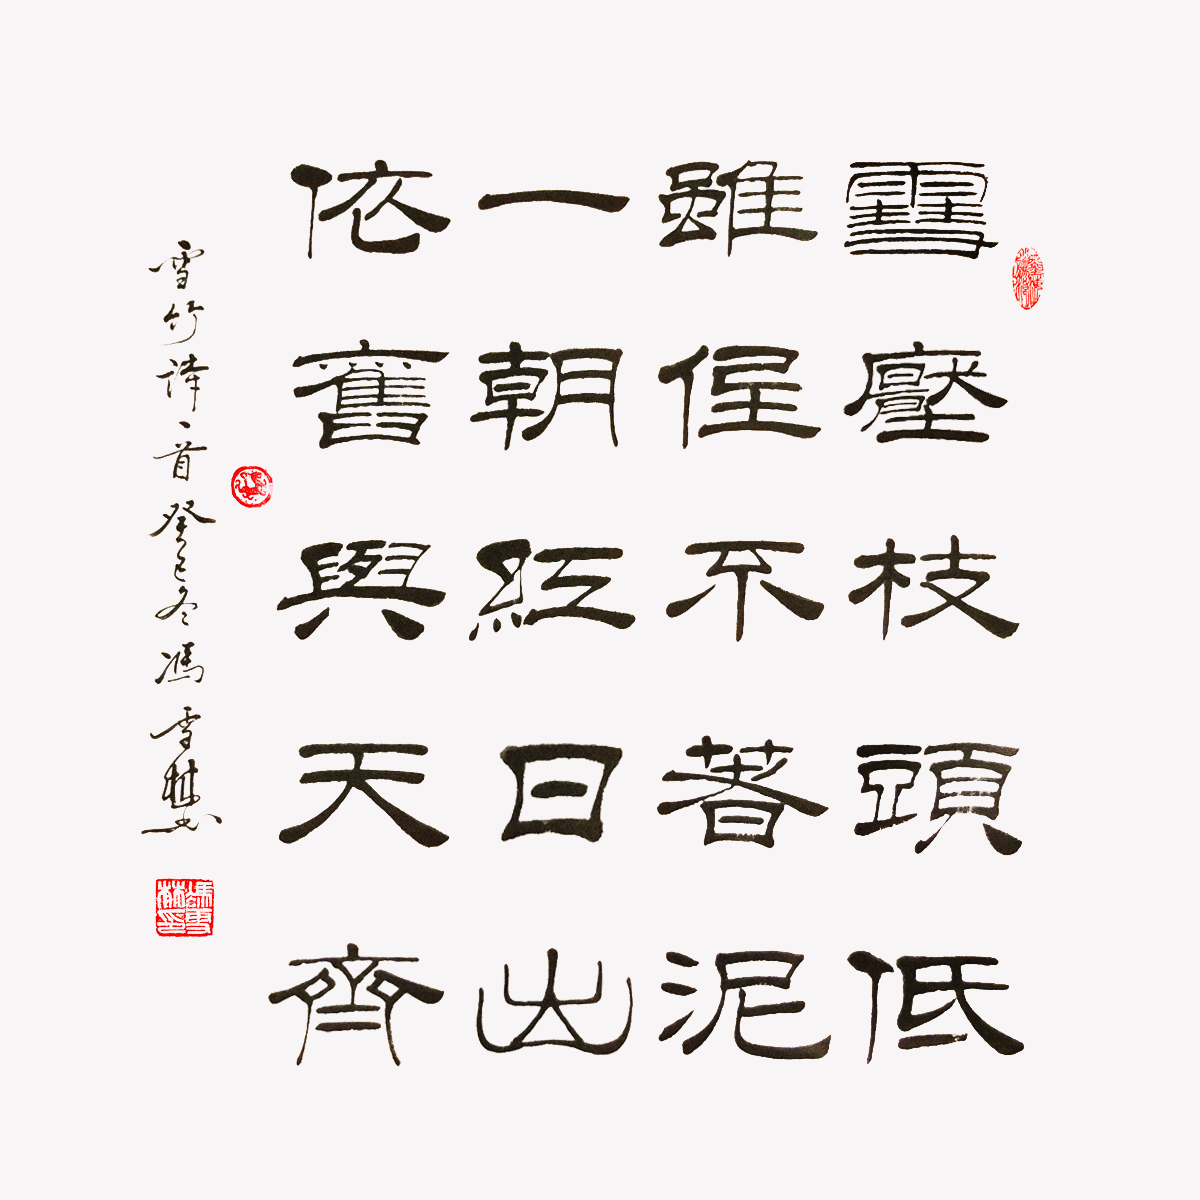 冯雪林书法作品:朱元璋《雪竹》隶书